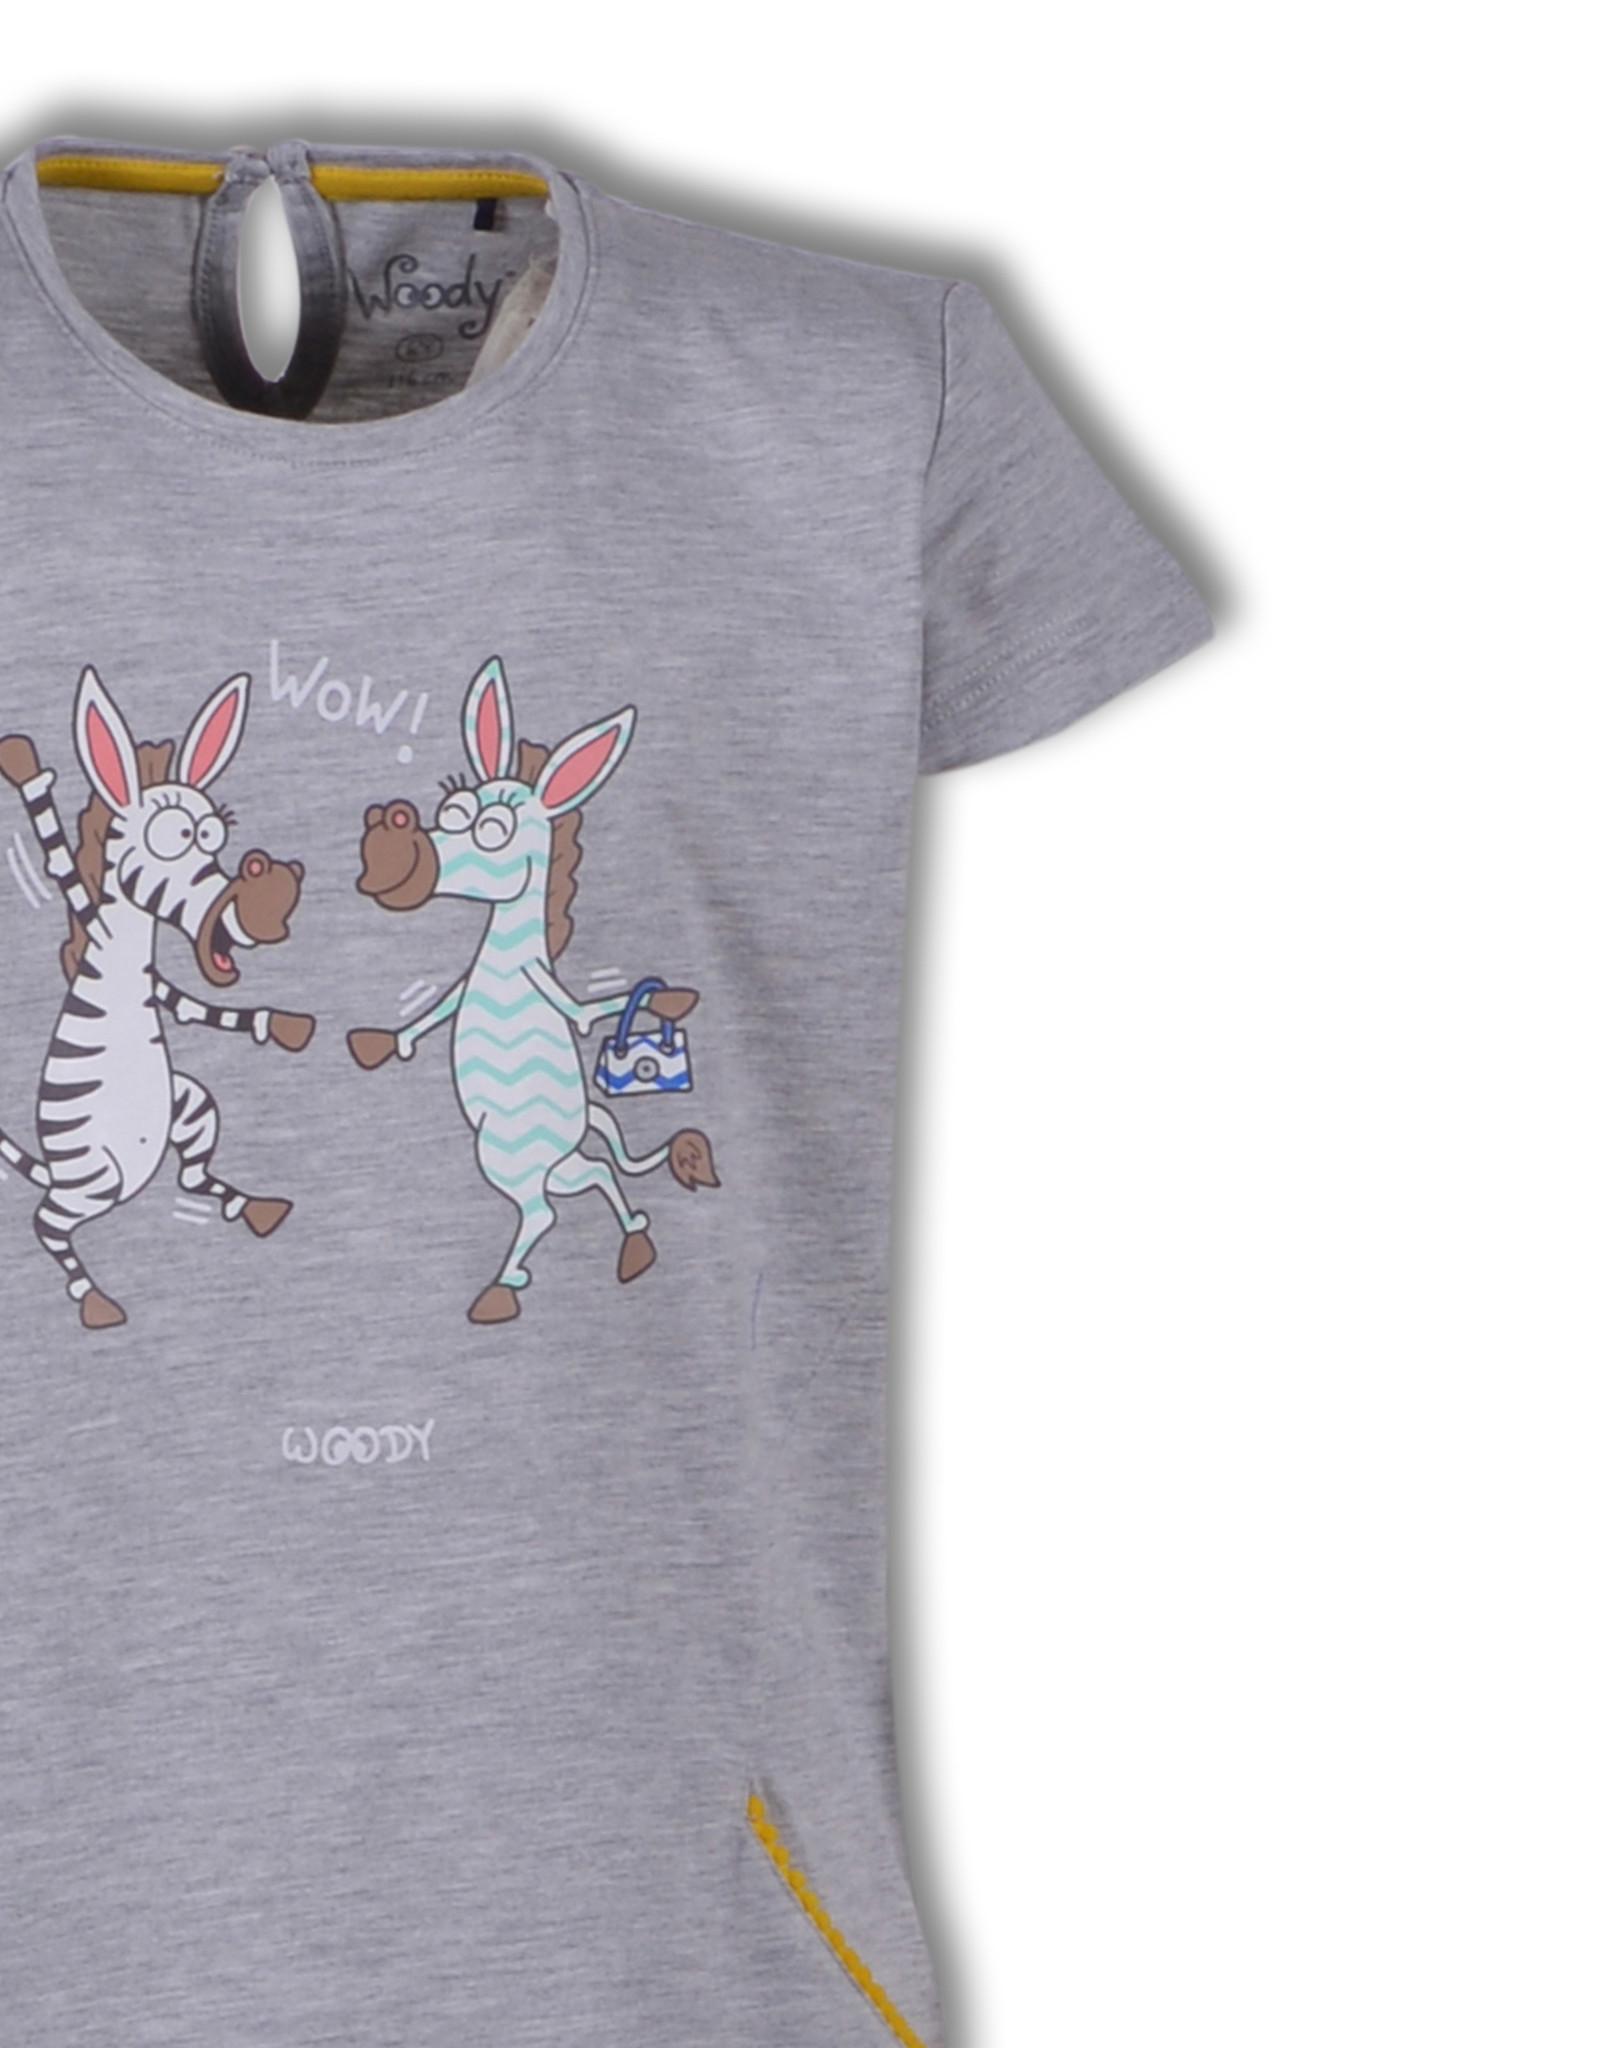 Woody Meisjespyjama Zebra, grey